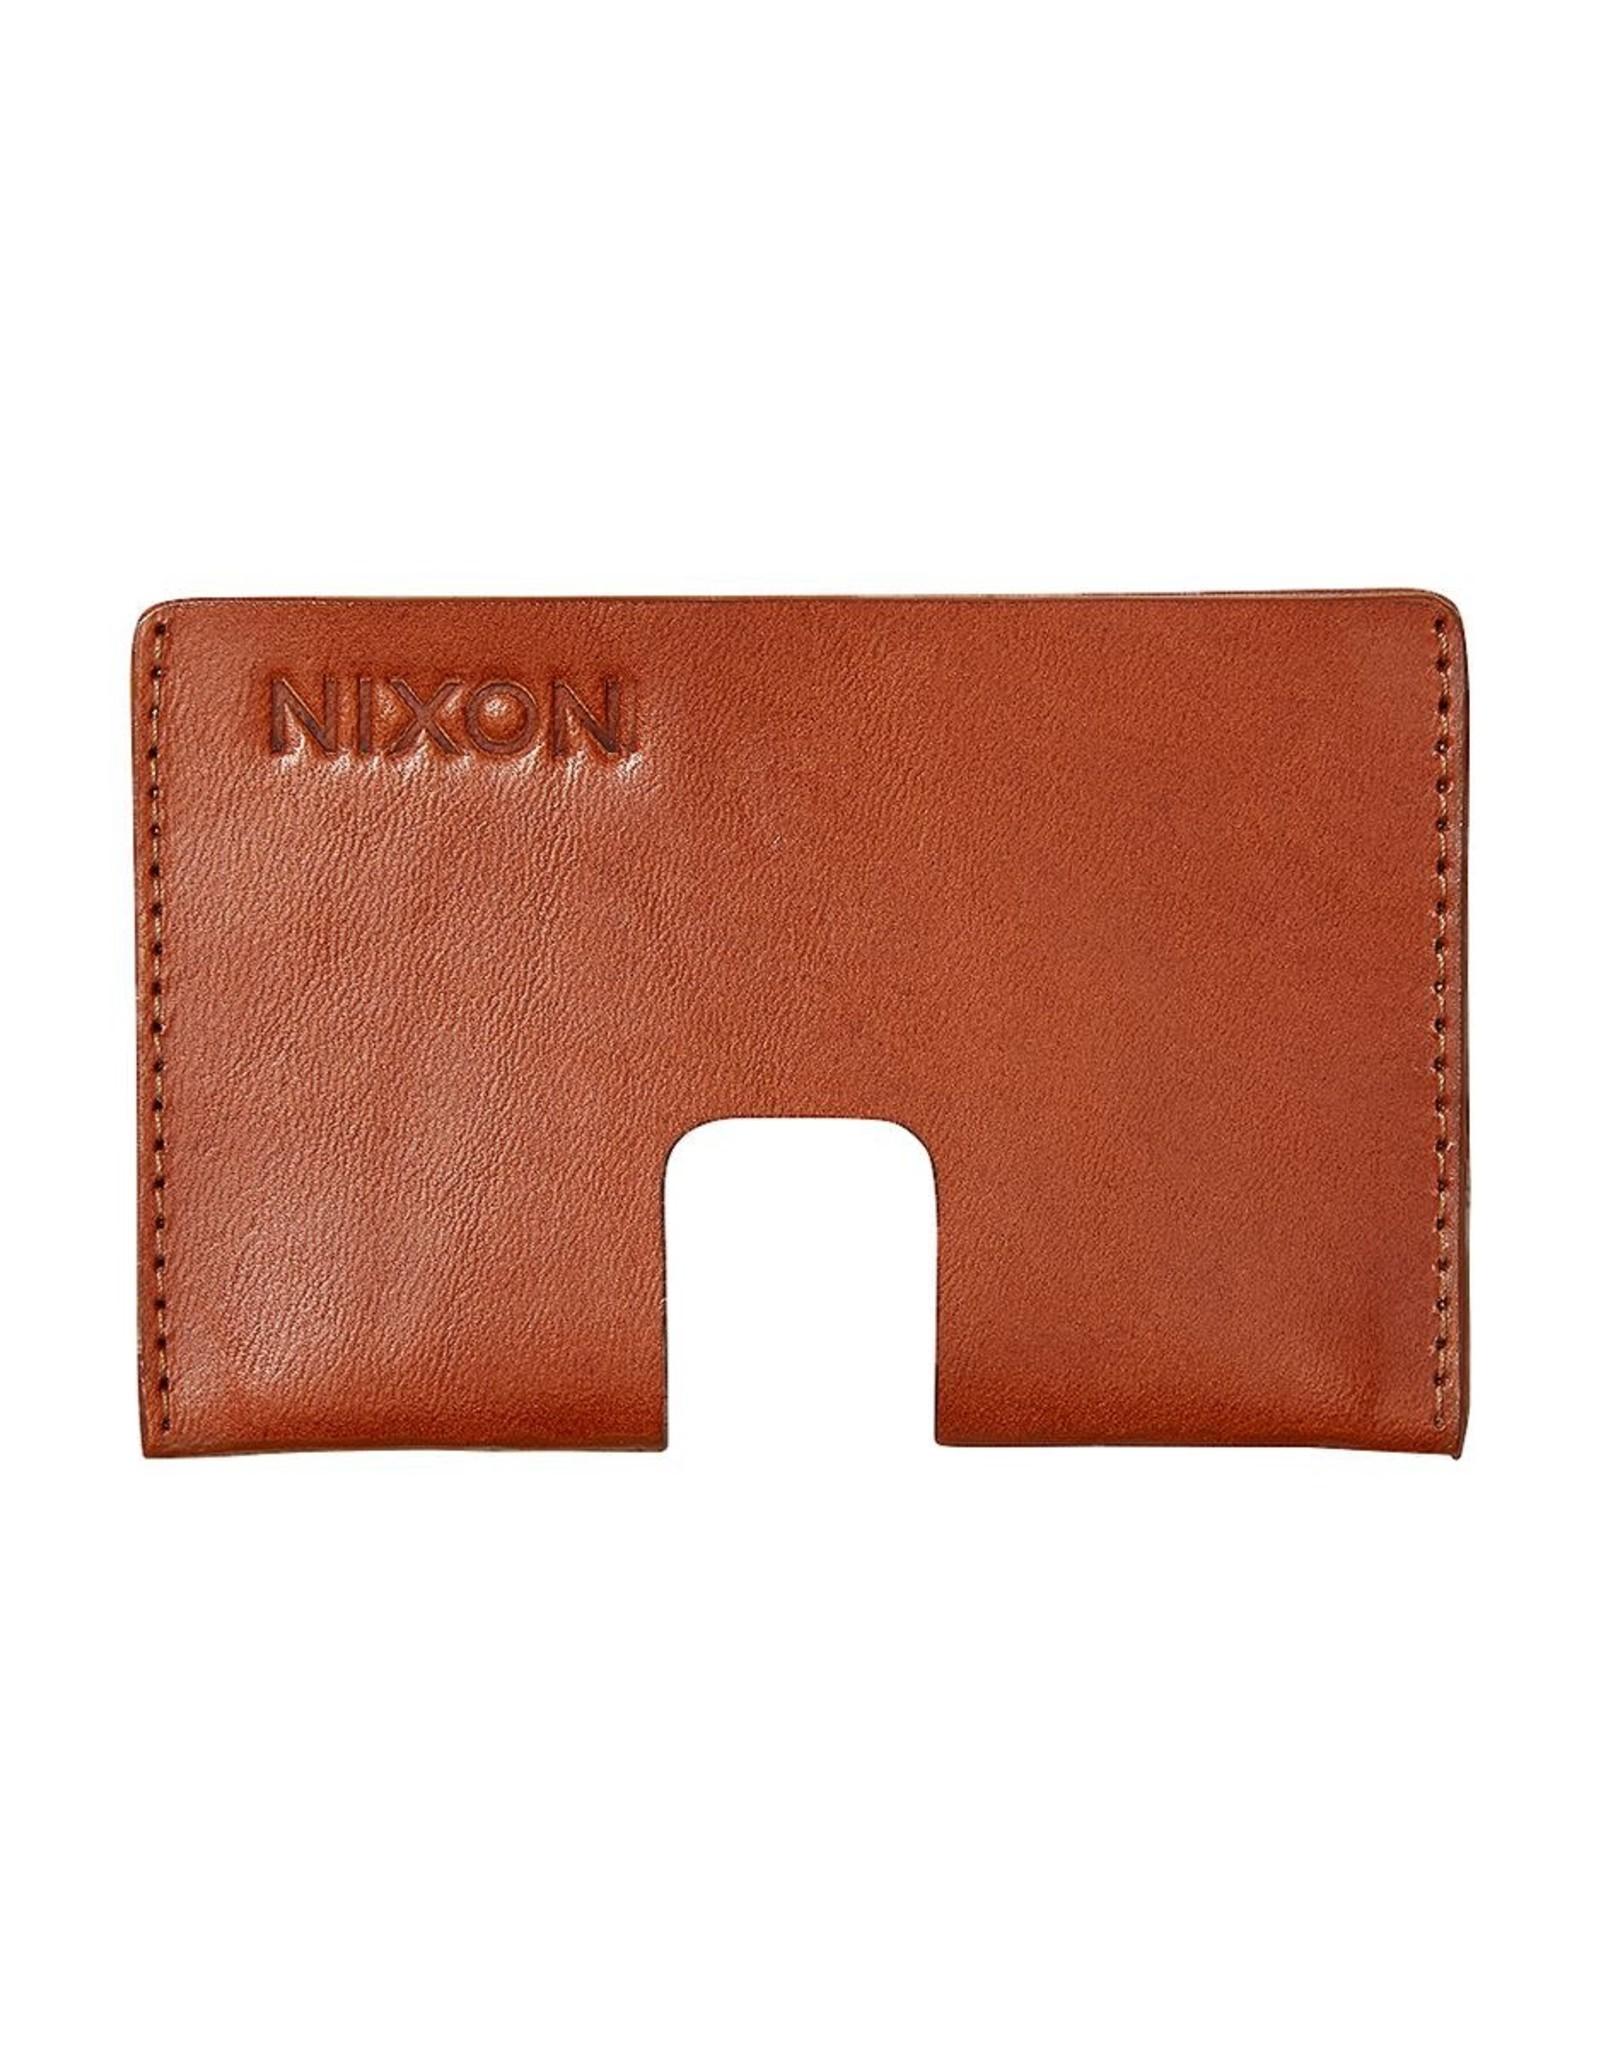 NIXON Annex Card Wallet